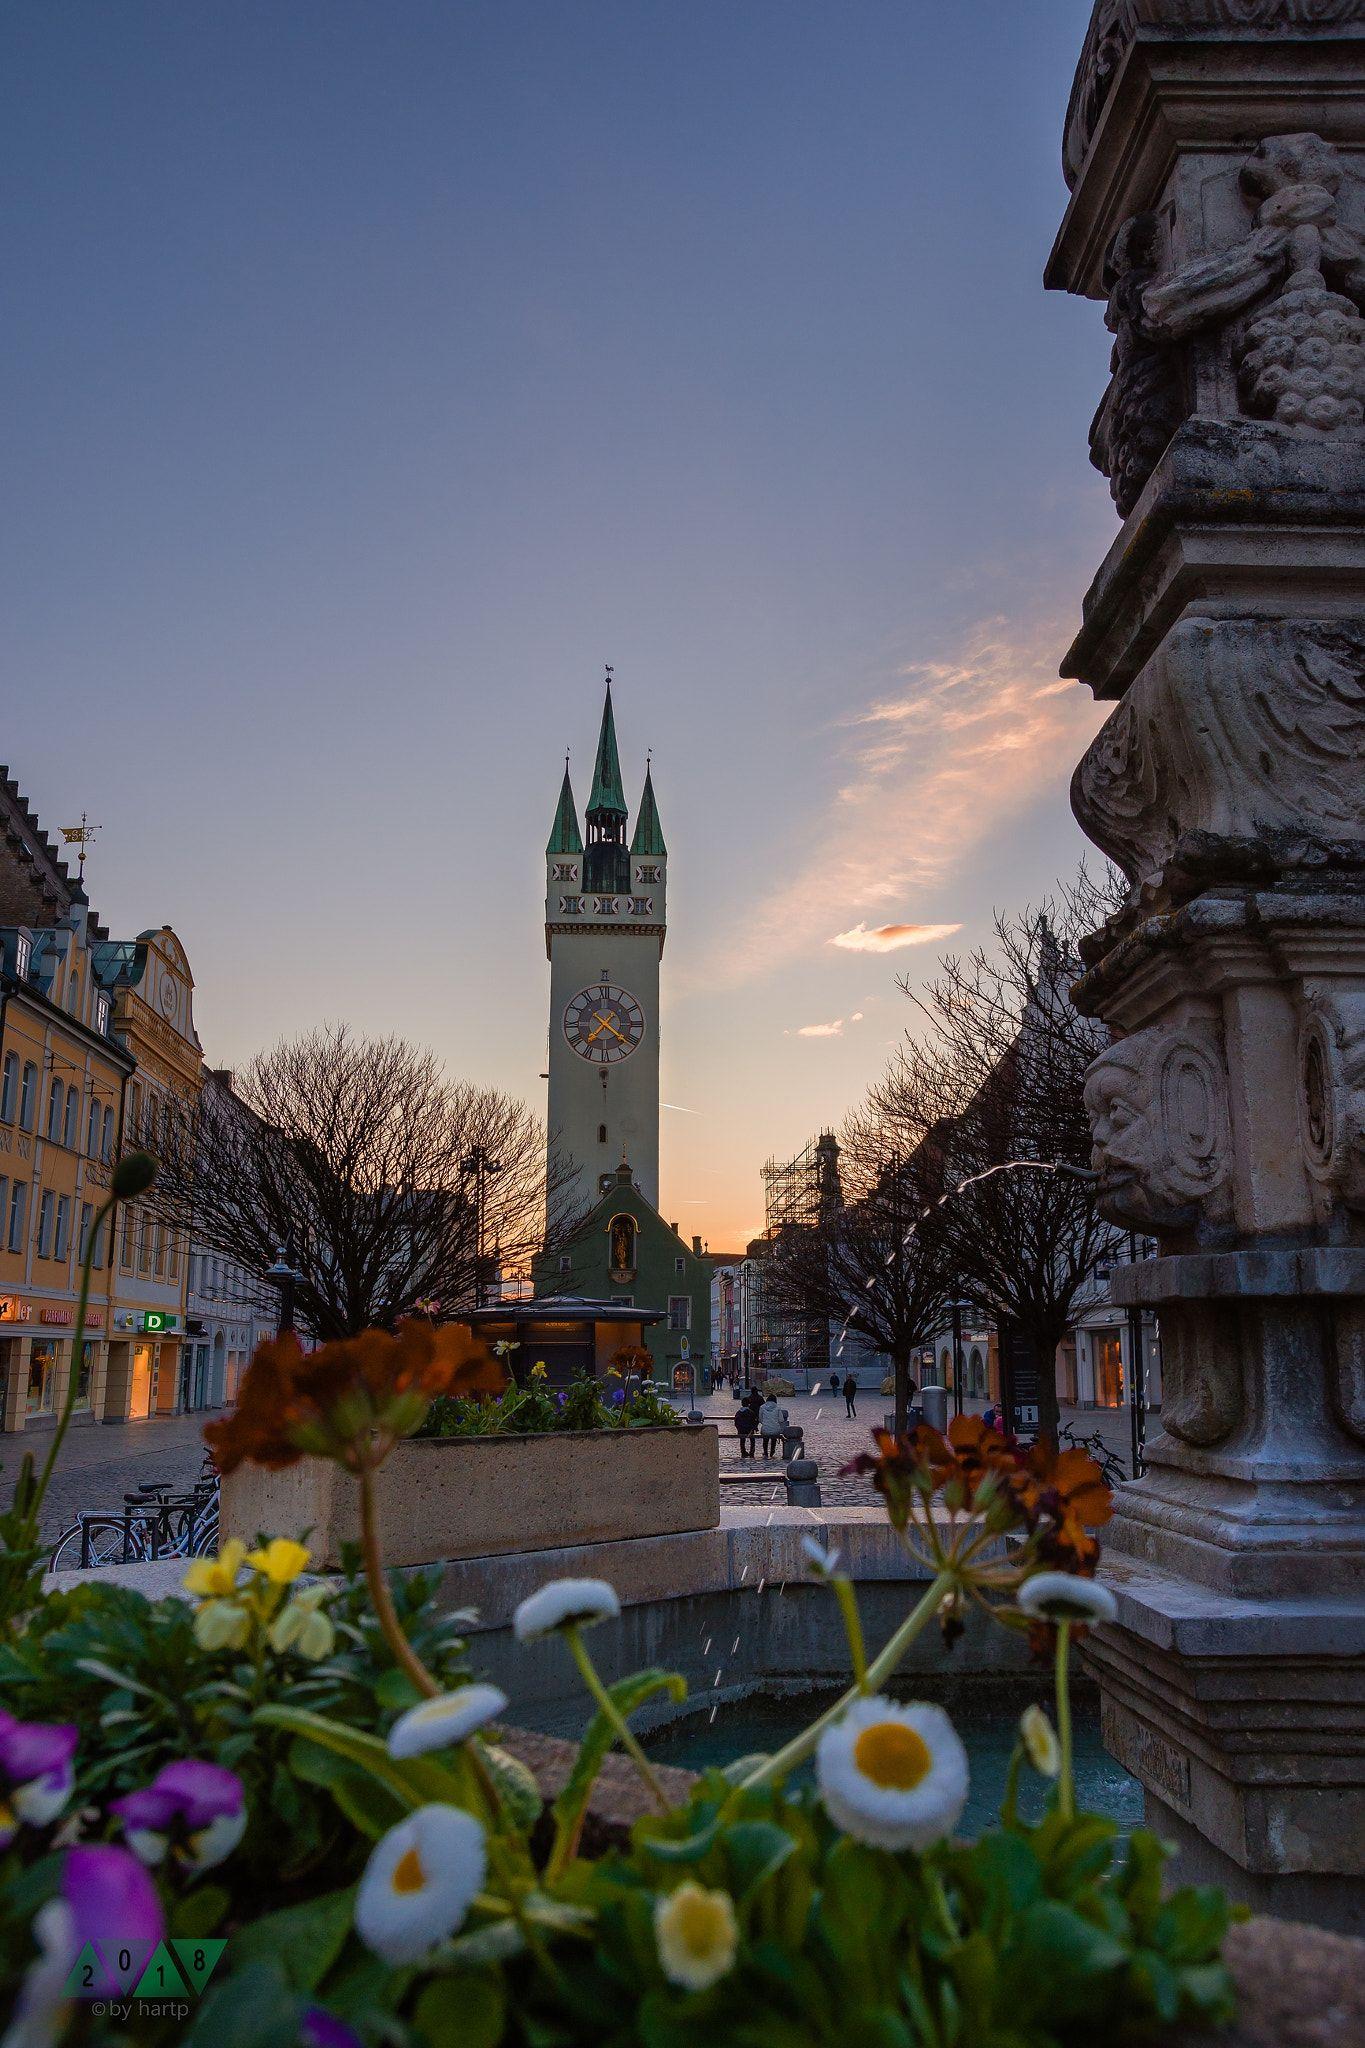 Fruhlingsstimmung Sonnenuntergang Uber Dem Straubinger Stadtturm Bei Herrlichem Fruhlingswetter Sunset Over The Straubing Towe Fruhling Turm Sonnenuntergang